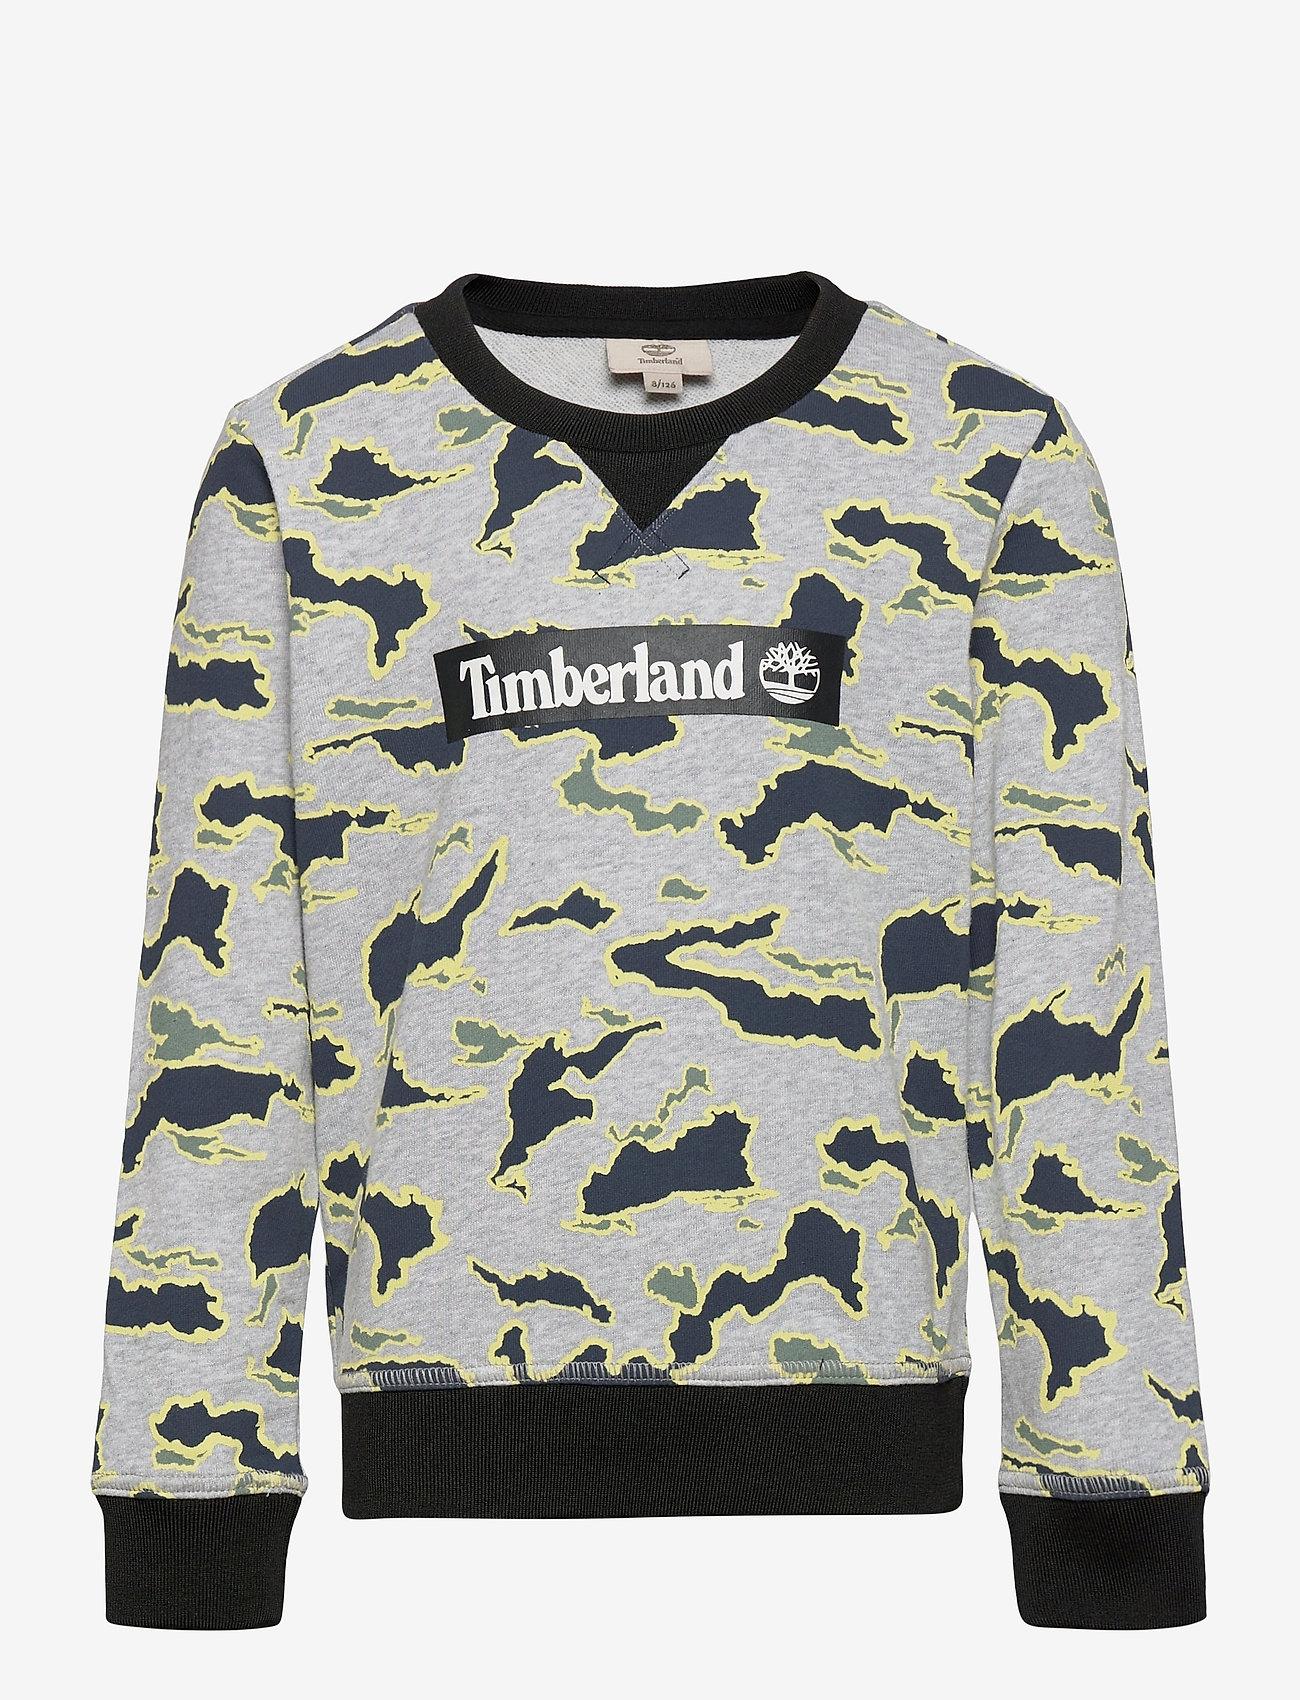 Timberland - SWEATSHIRT - sweatshirts - unique - 0